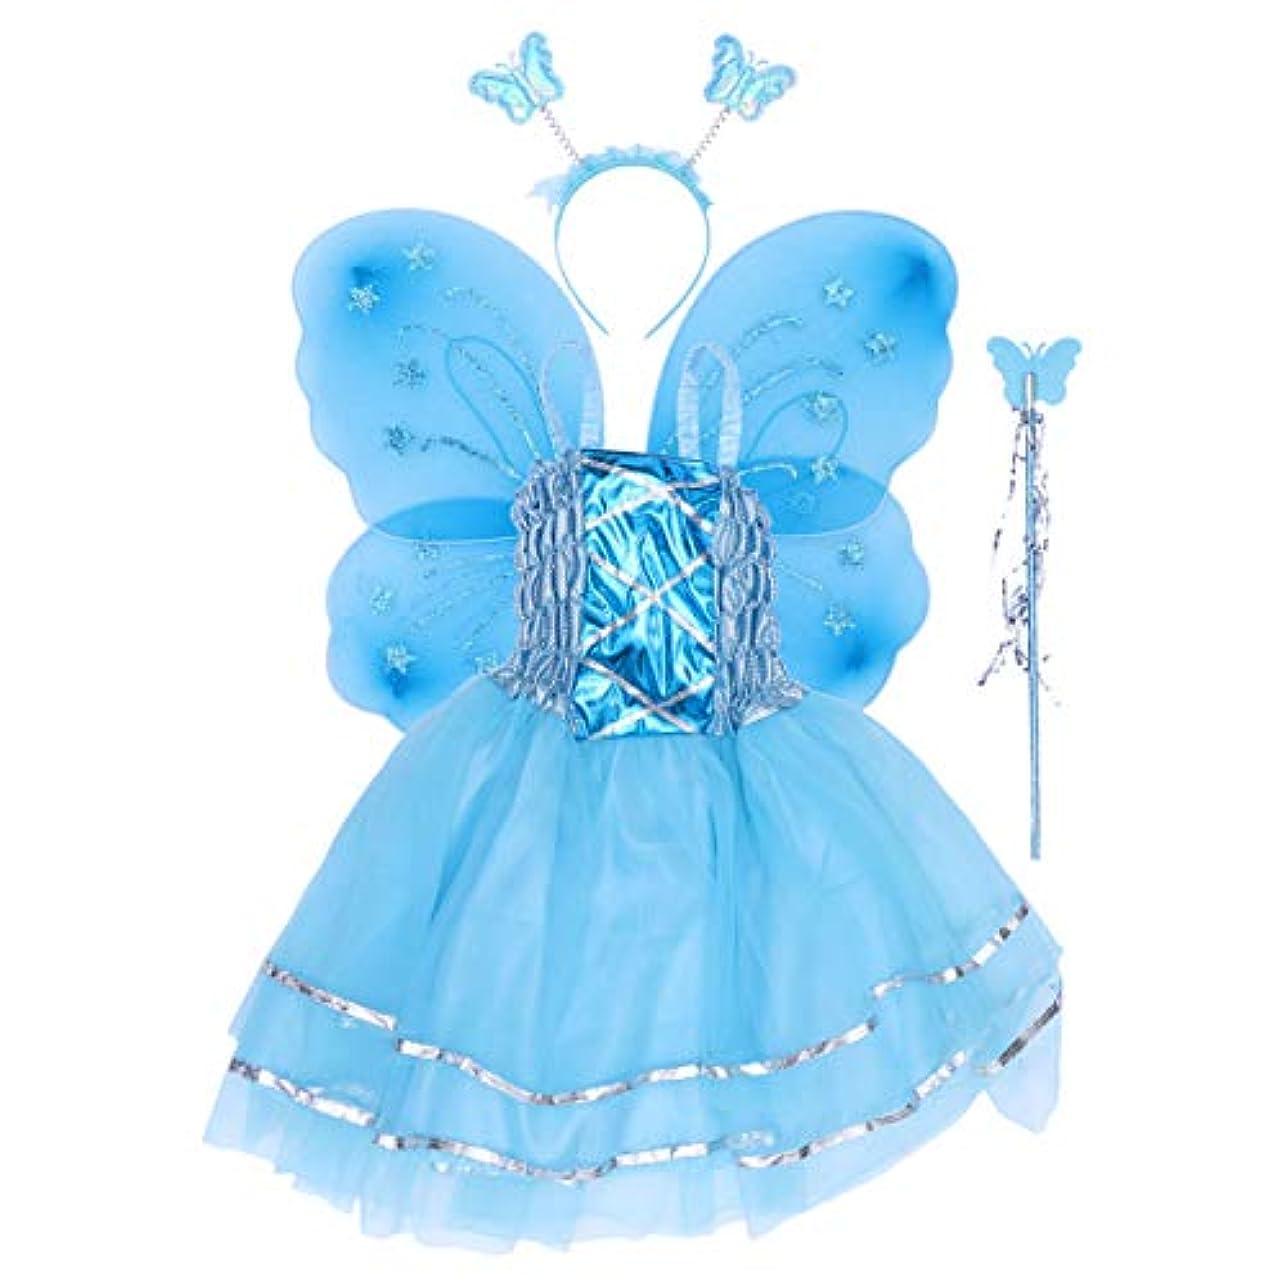 哲学博士透ける豪華なBESTOYARD 蝶の羽、ワンド、ヘッドバンド、ツツードレス(スカイブルー)と4個の女の子バタフライプリンセス妖精のコスチュームセット